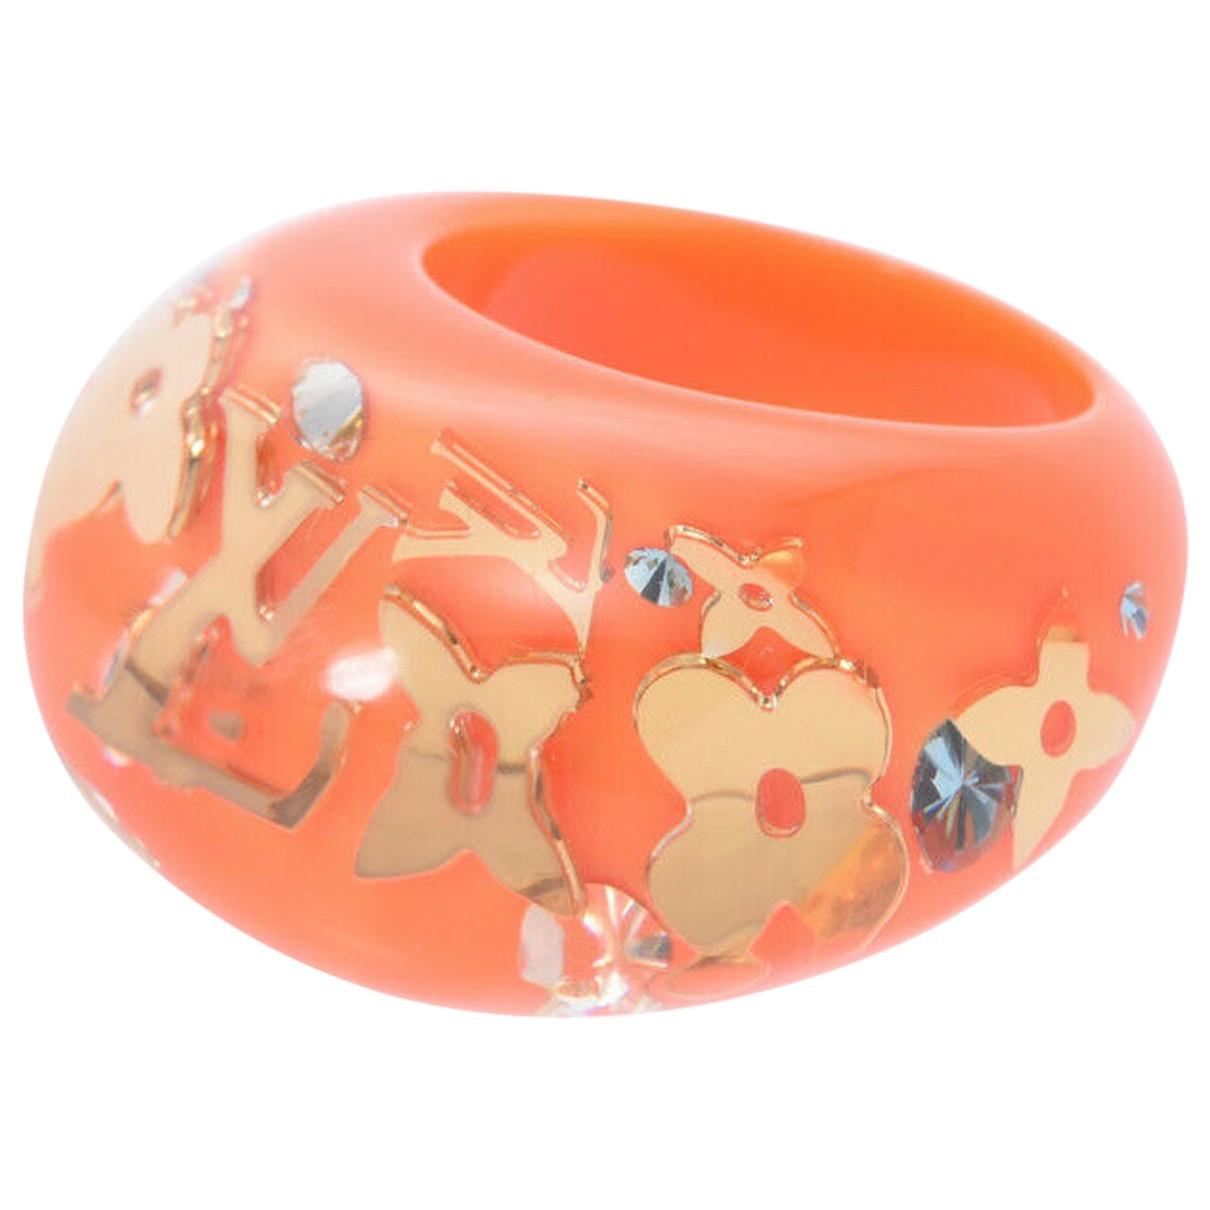 Louis Vuitton - Bague Inclusion pour femme - orange